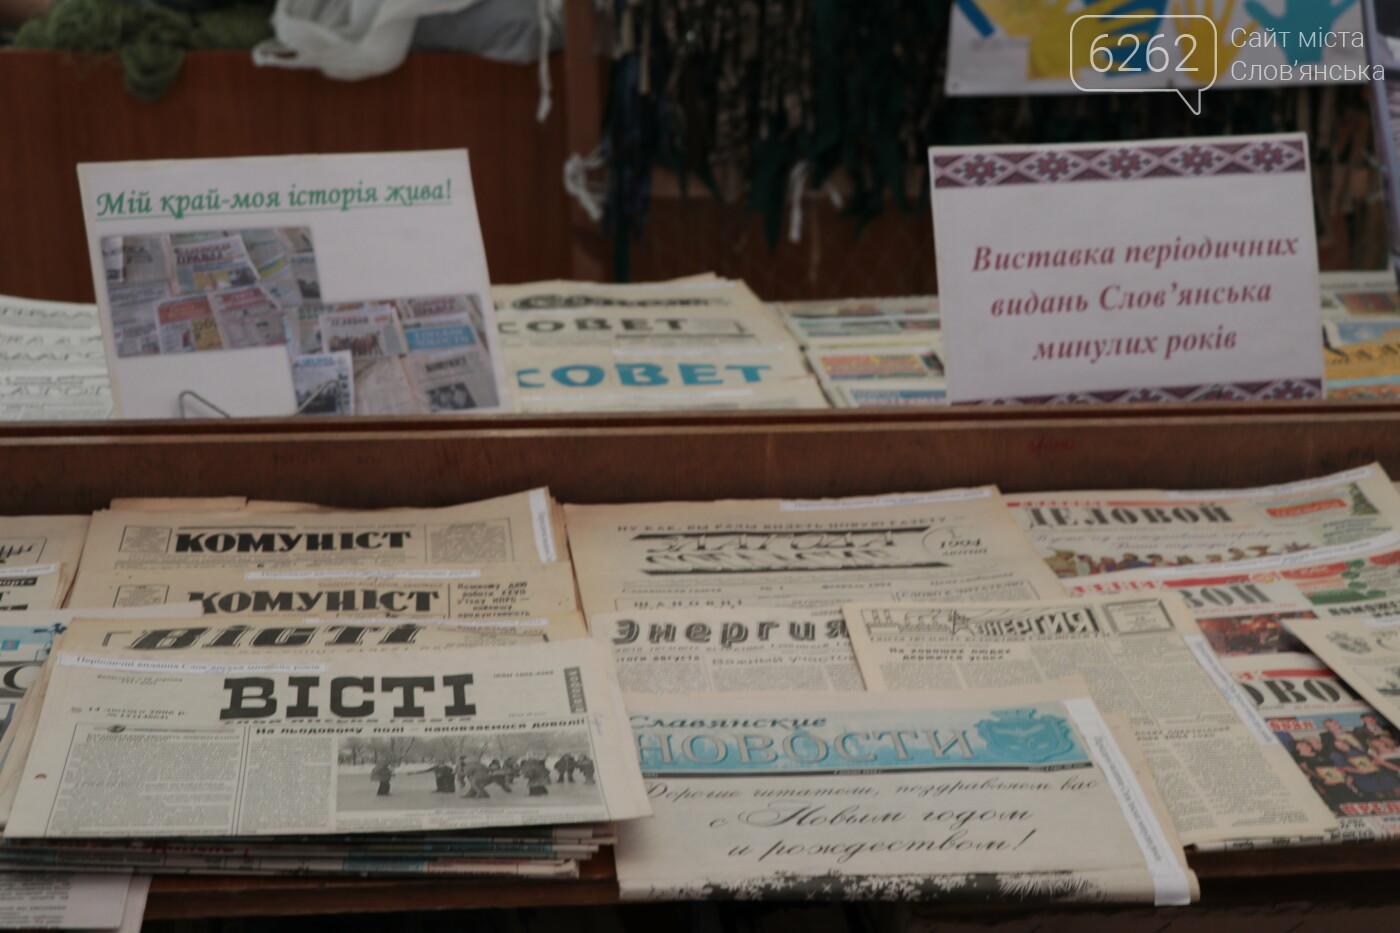 У Слов'янську проходить виставка старовинних газет Слов'янська, фото-6